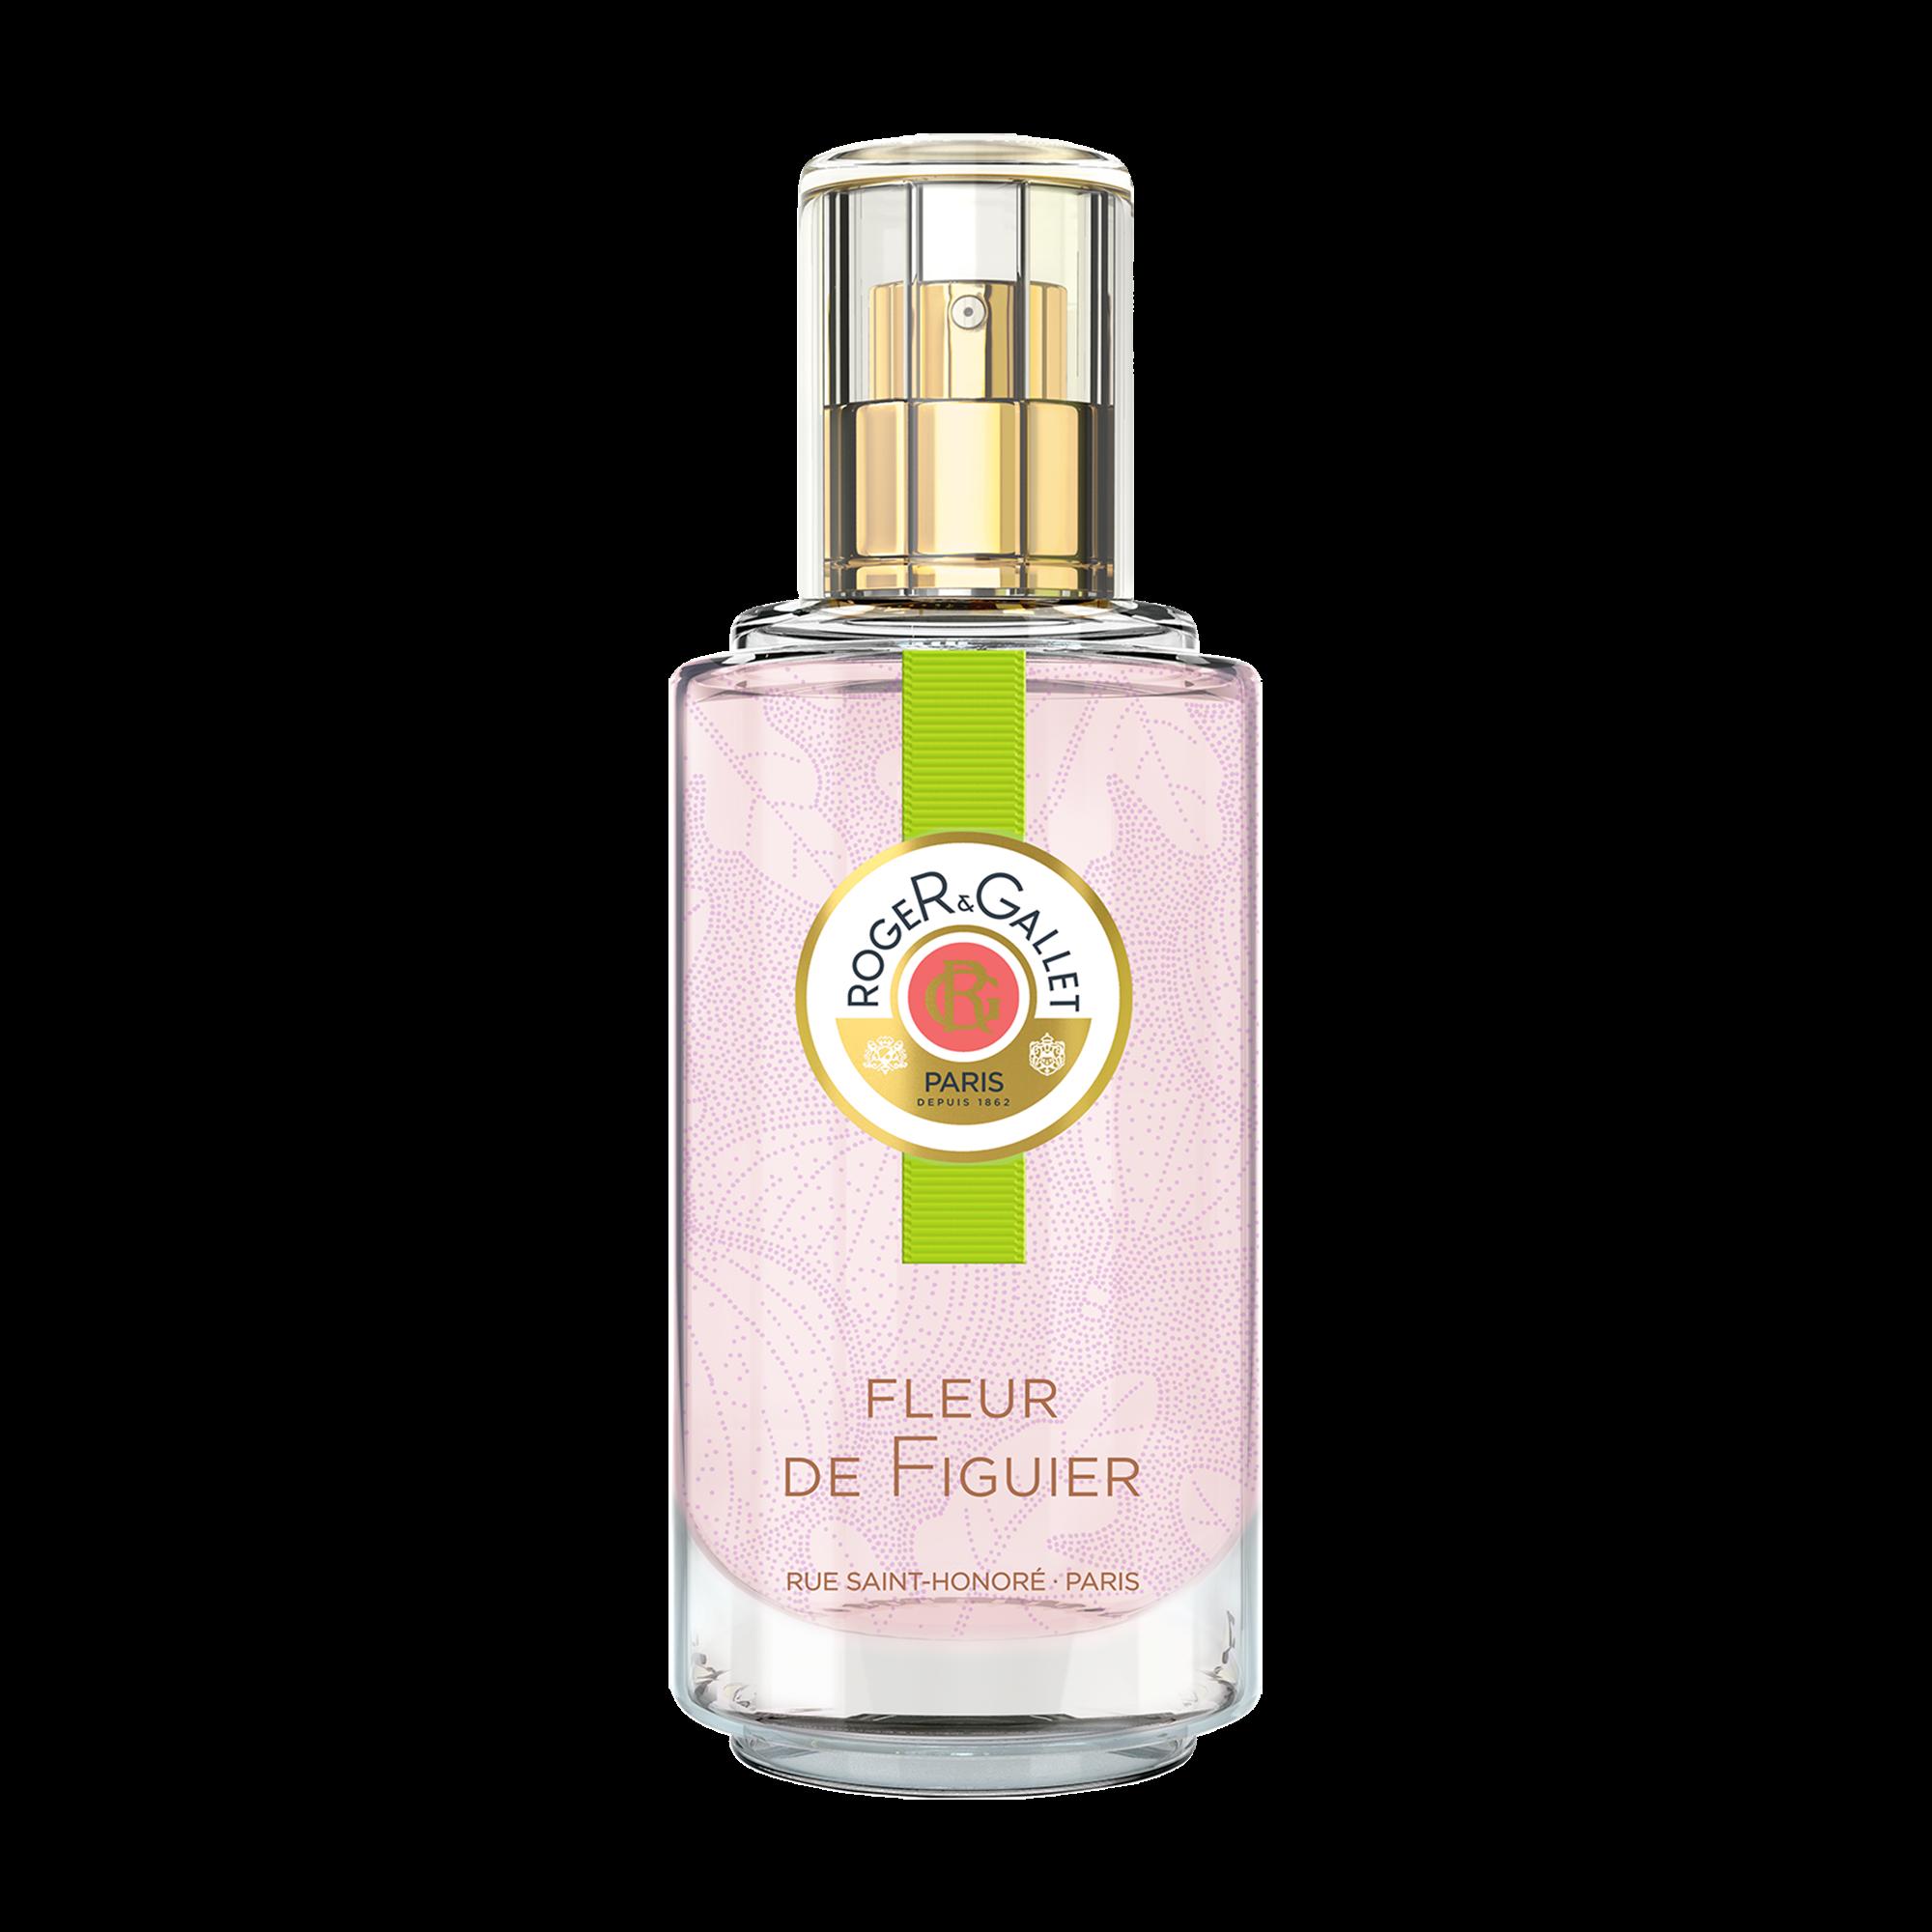 Fleur de Figuier - sinnlich wohltuender Duft